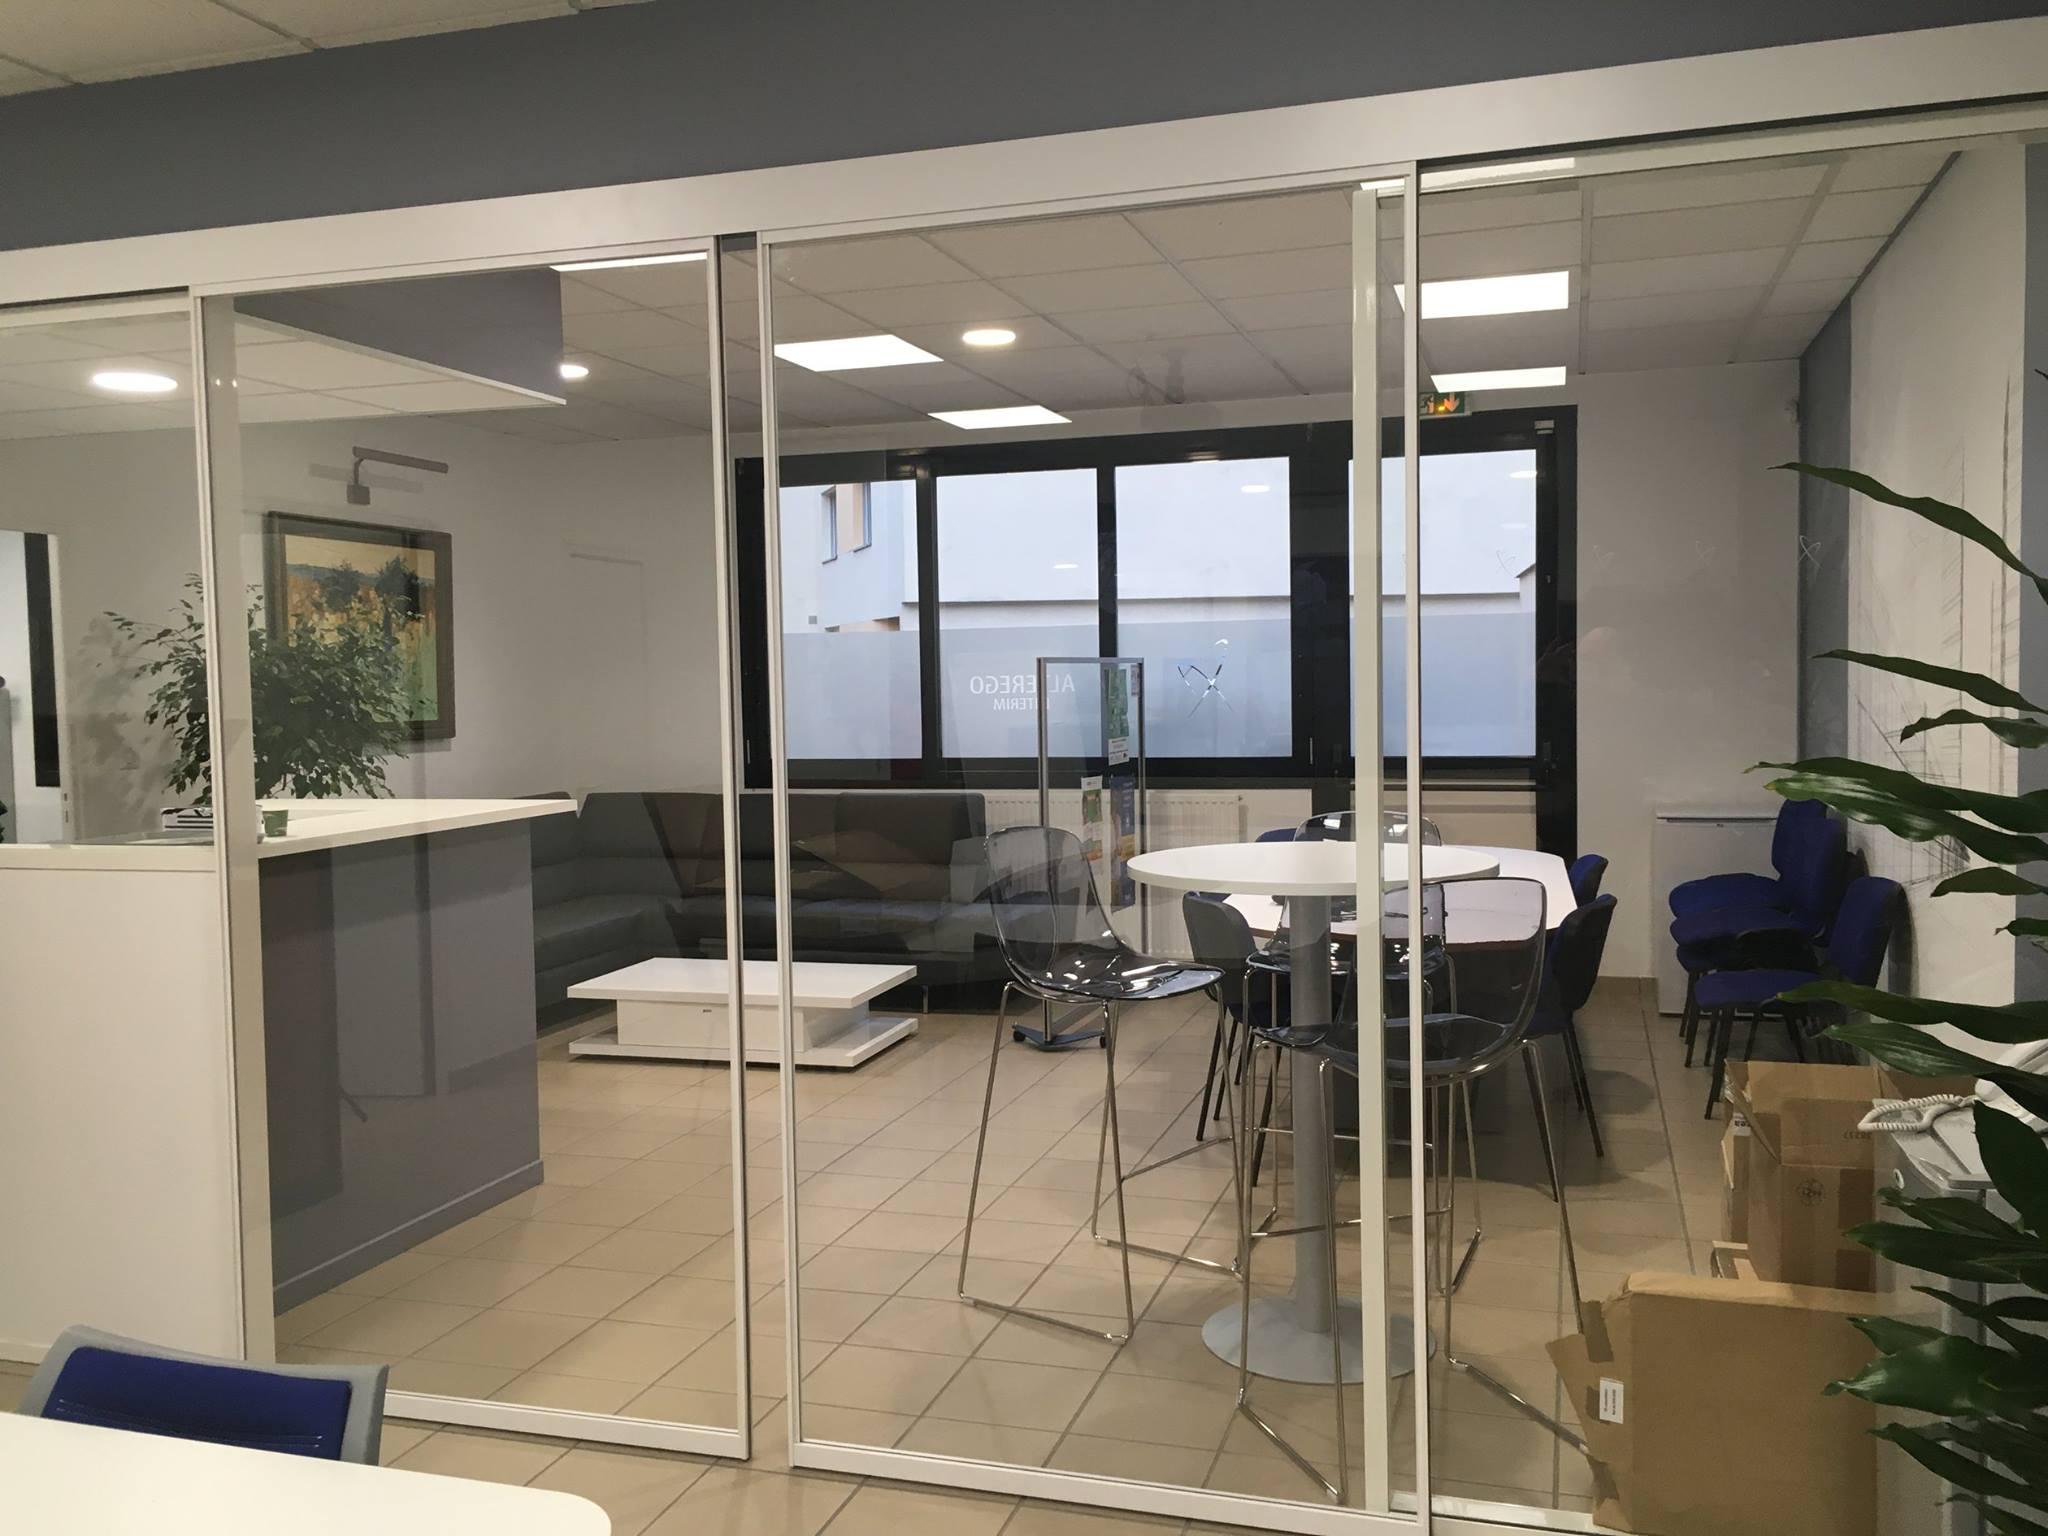 Cloison vitrée - Plaf'déco spécialiste de l'isolation, plafond suspendu, platrerie, menuiseries, dressing, placards